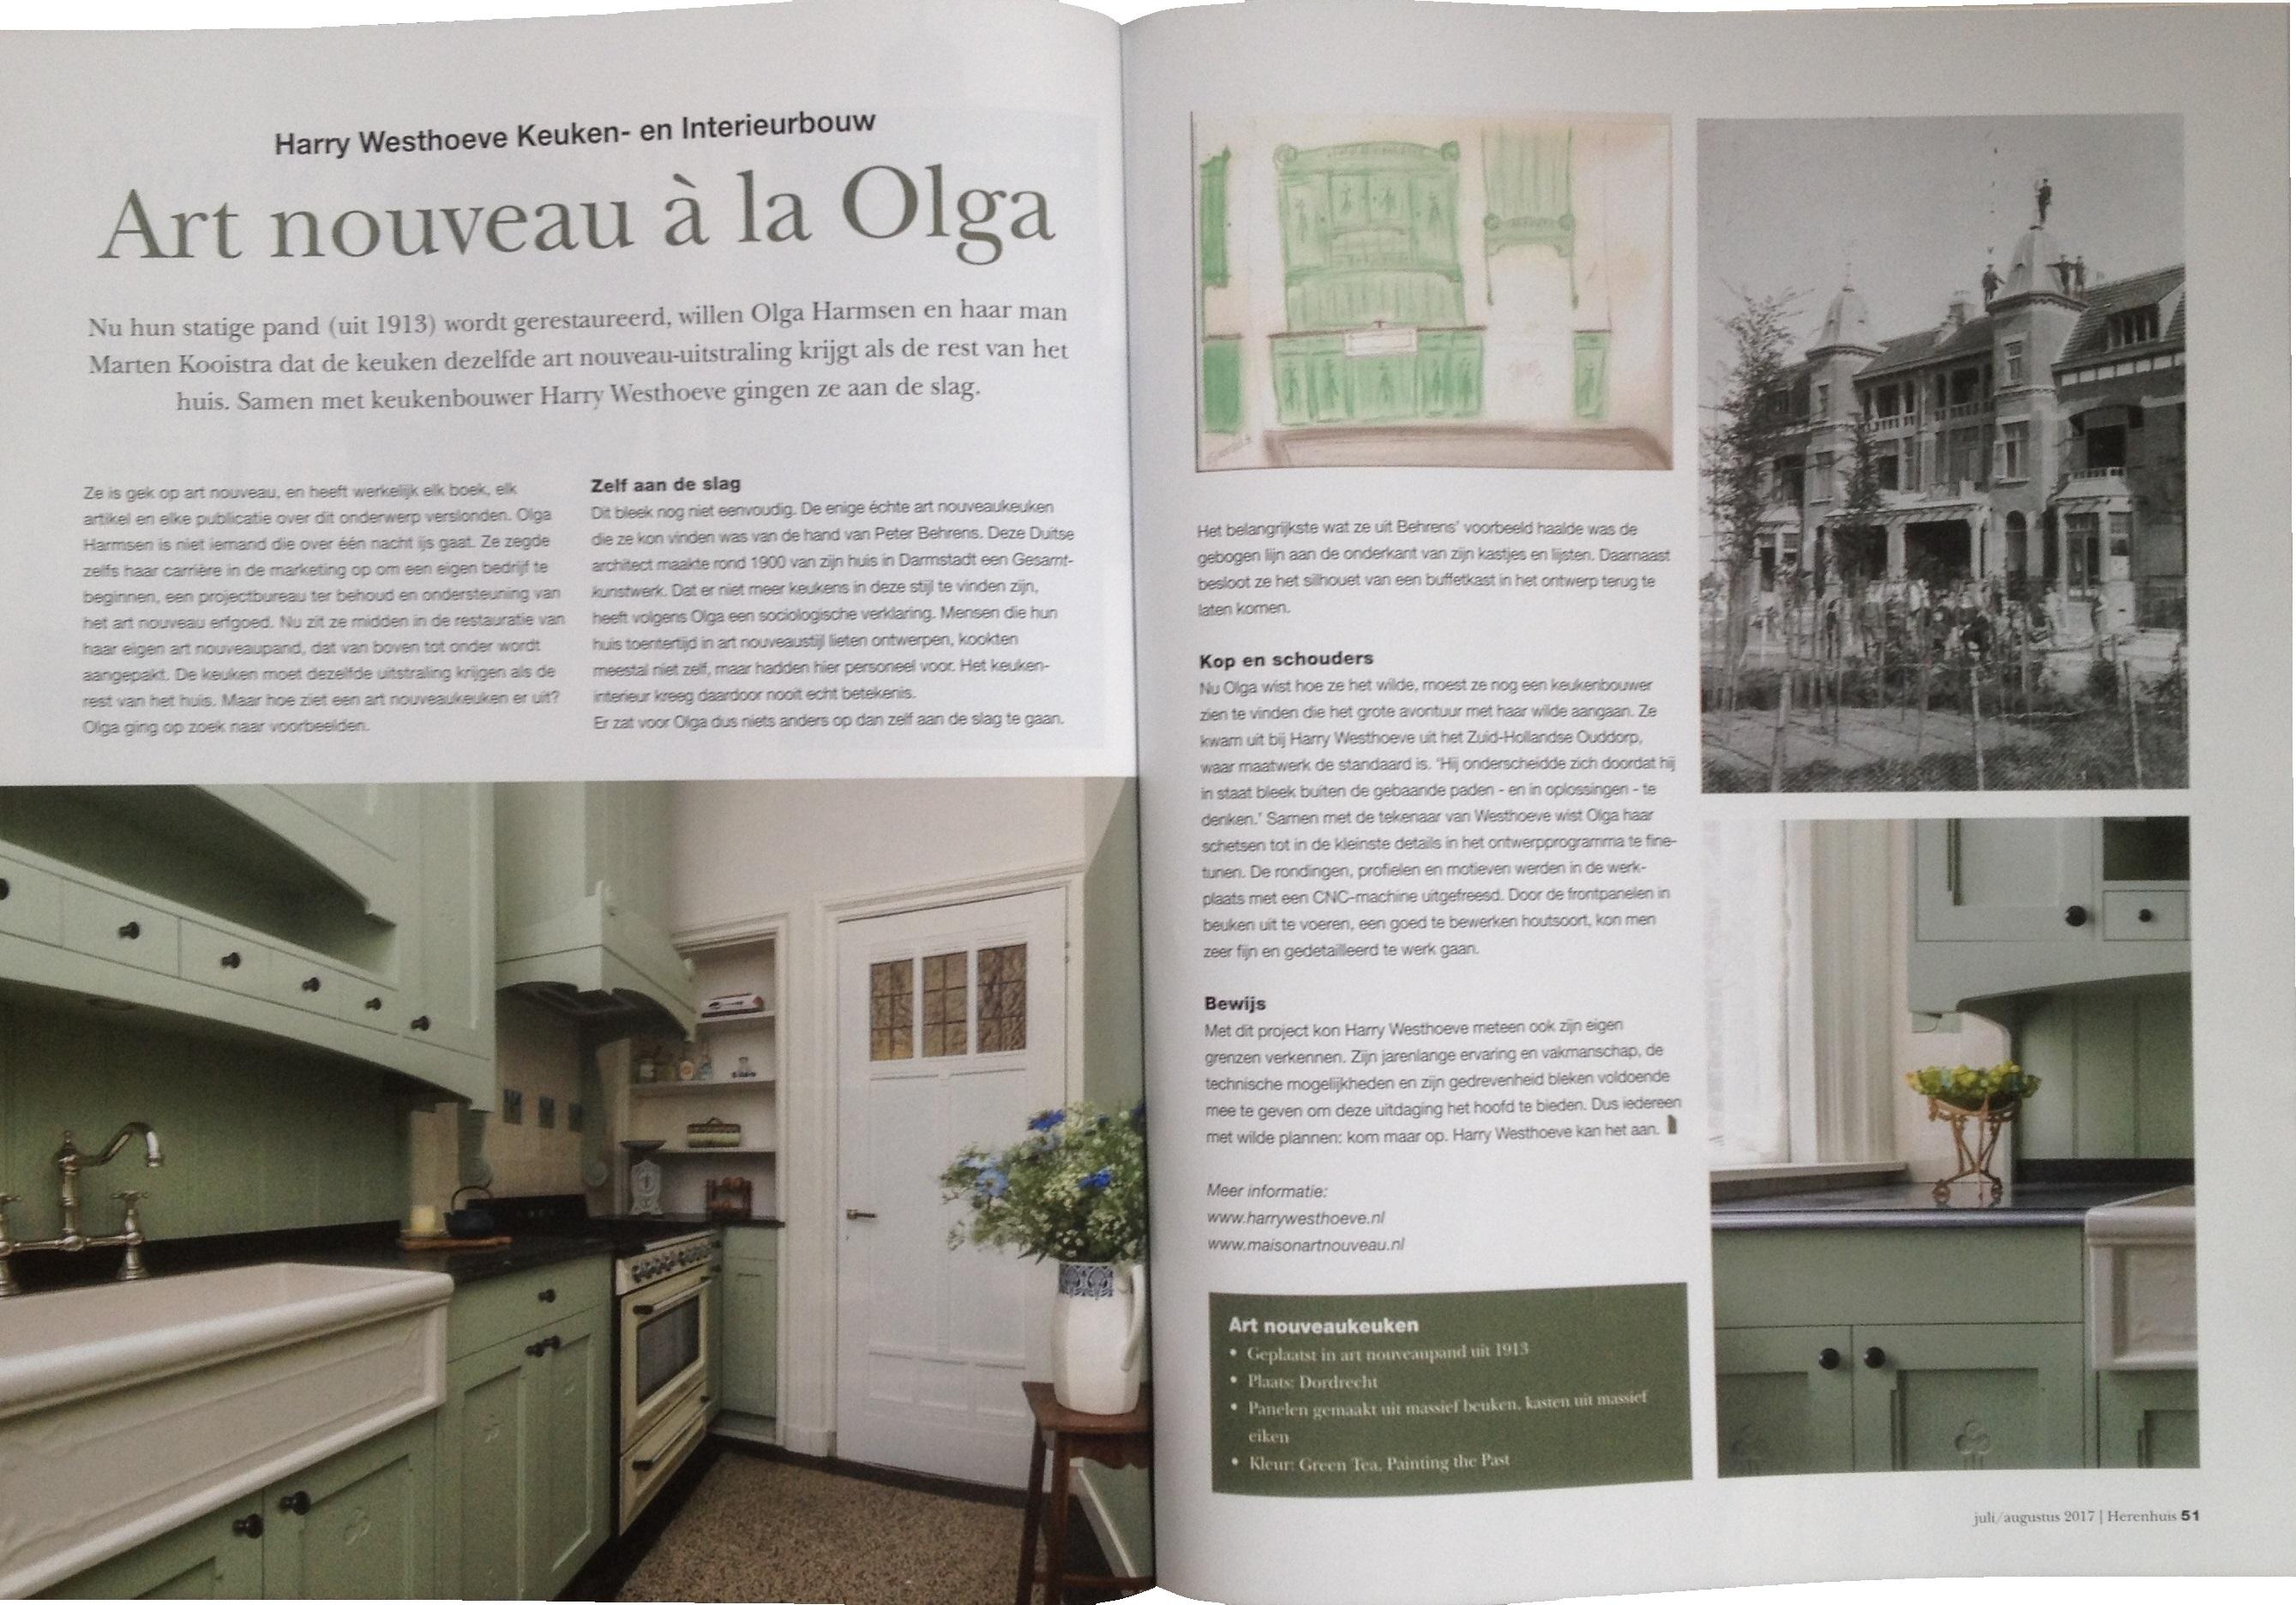 Art Nouveau keuken à la Olga in Herenhuis Magazine